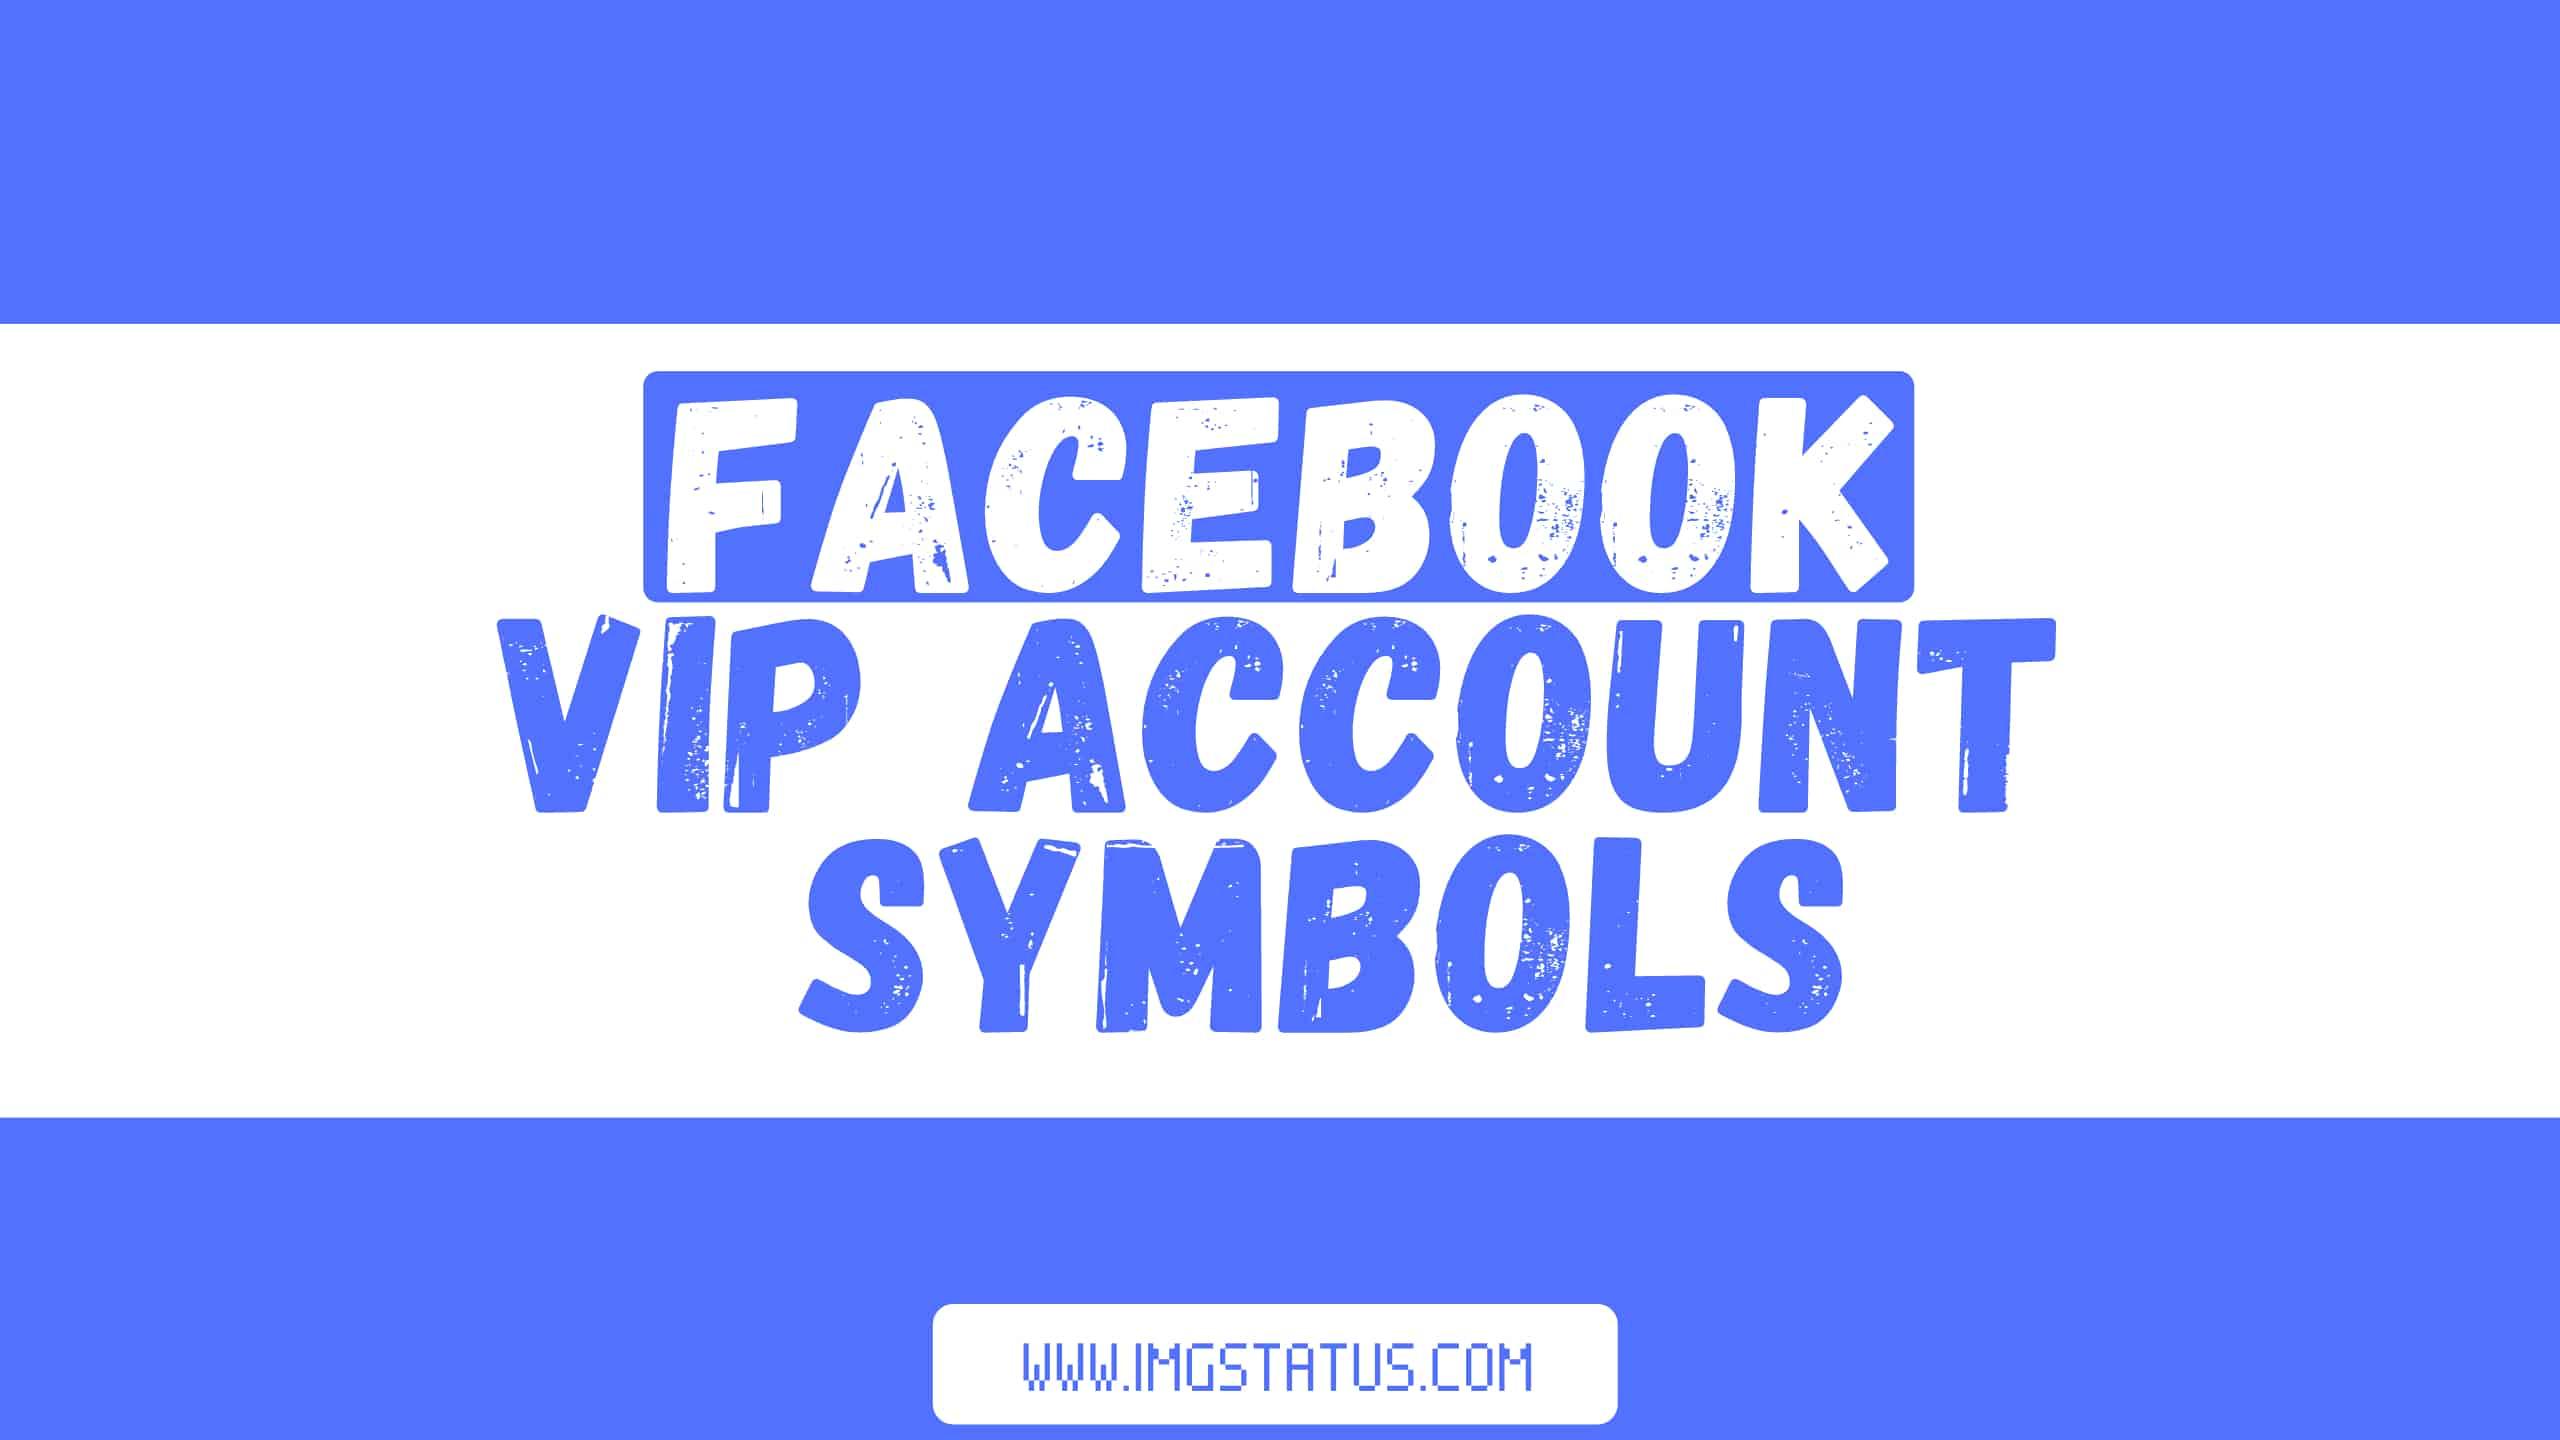 Facebook VIP Account Symbols